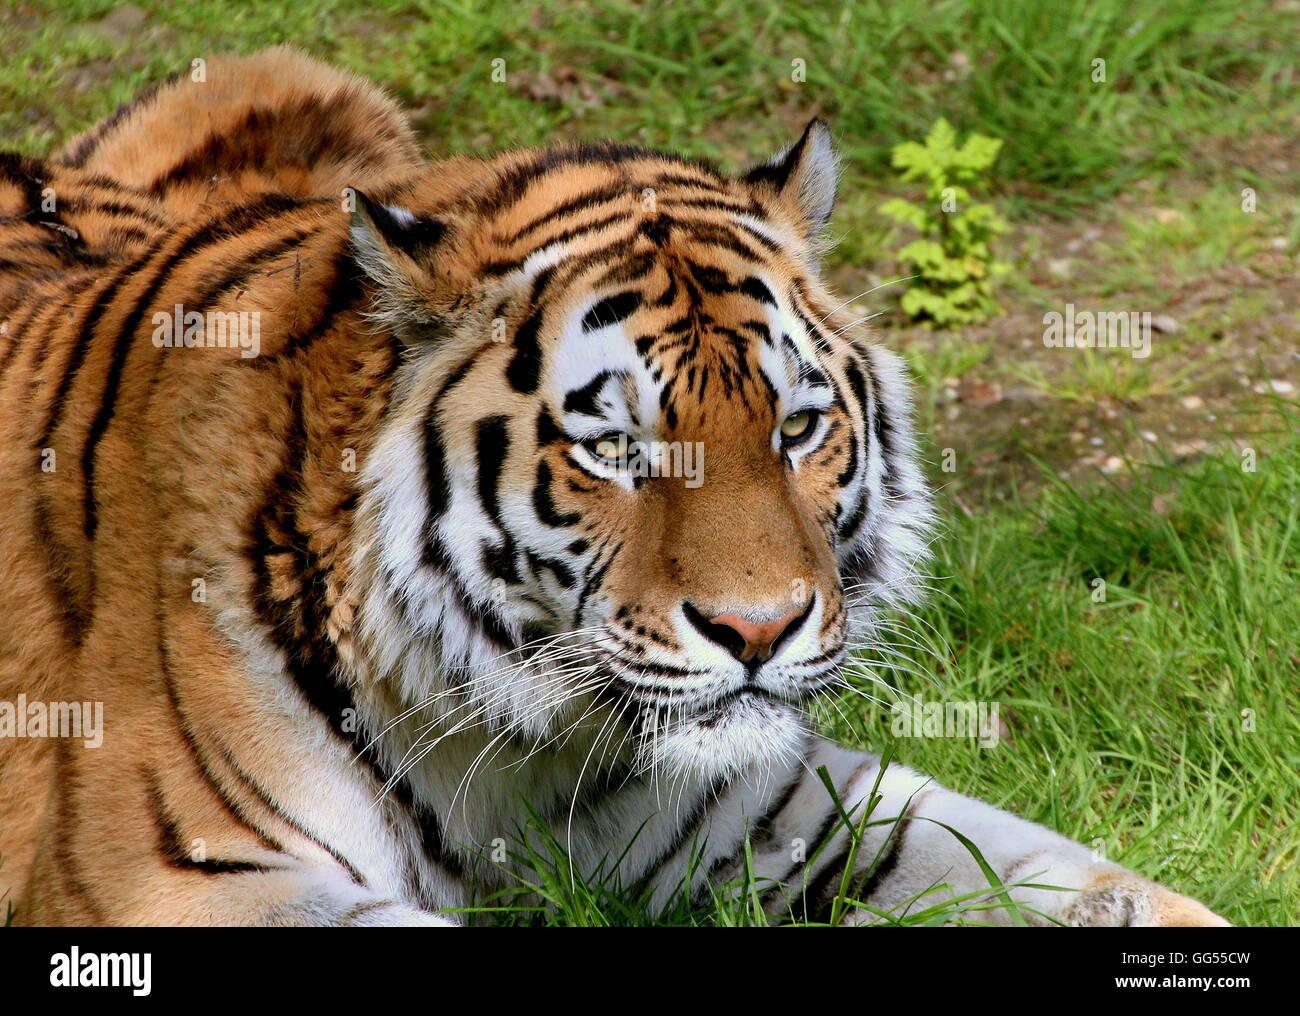 Feroz buscando macho Amur o siberiano tigre (Panthera tigris altaica) Imagen De Stock